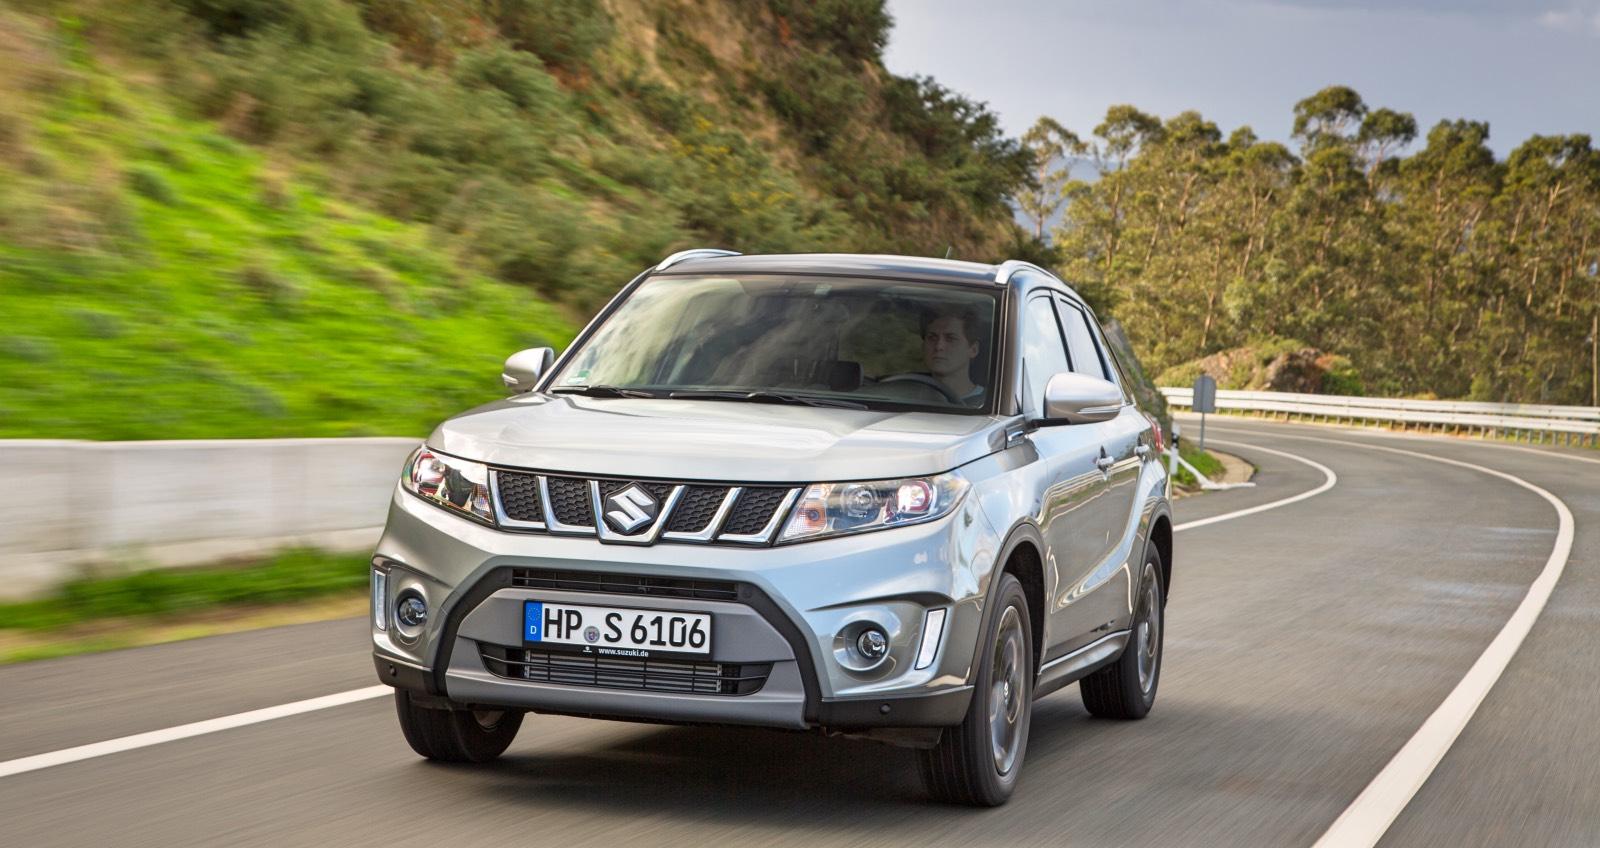 Suzuki Vitara S - Vom Spaßauto zum Lifestyle SUV | Fahrspass24